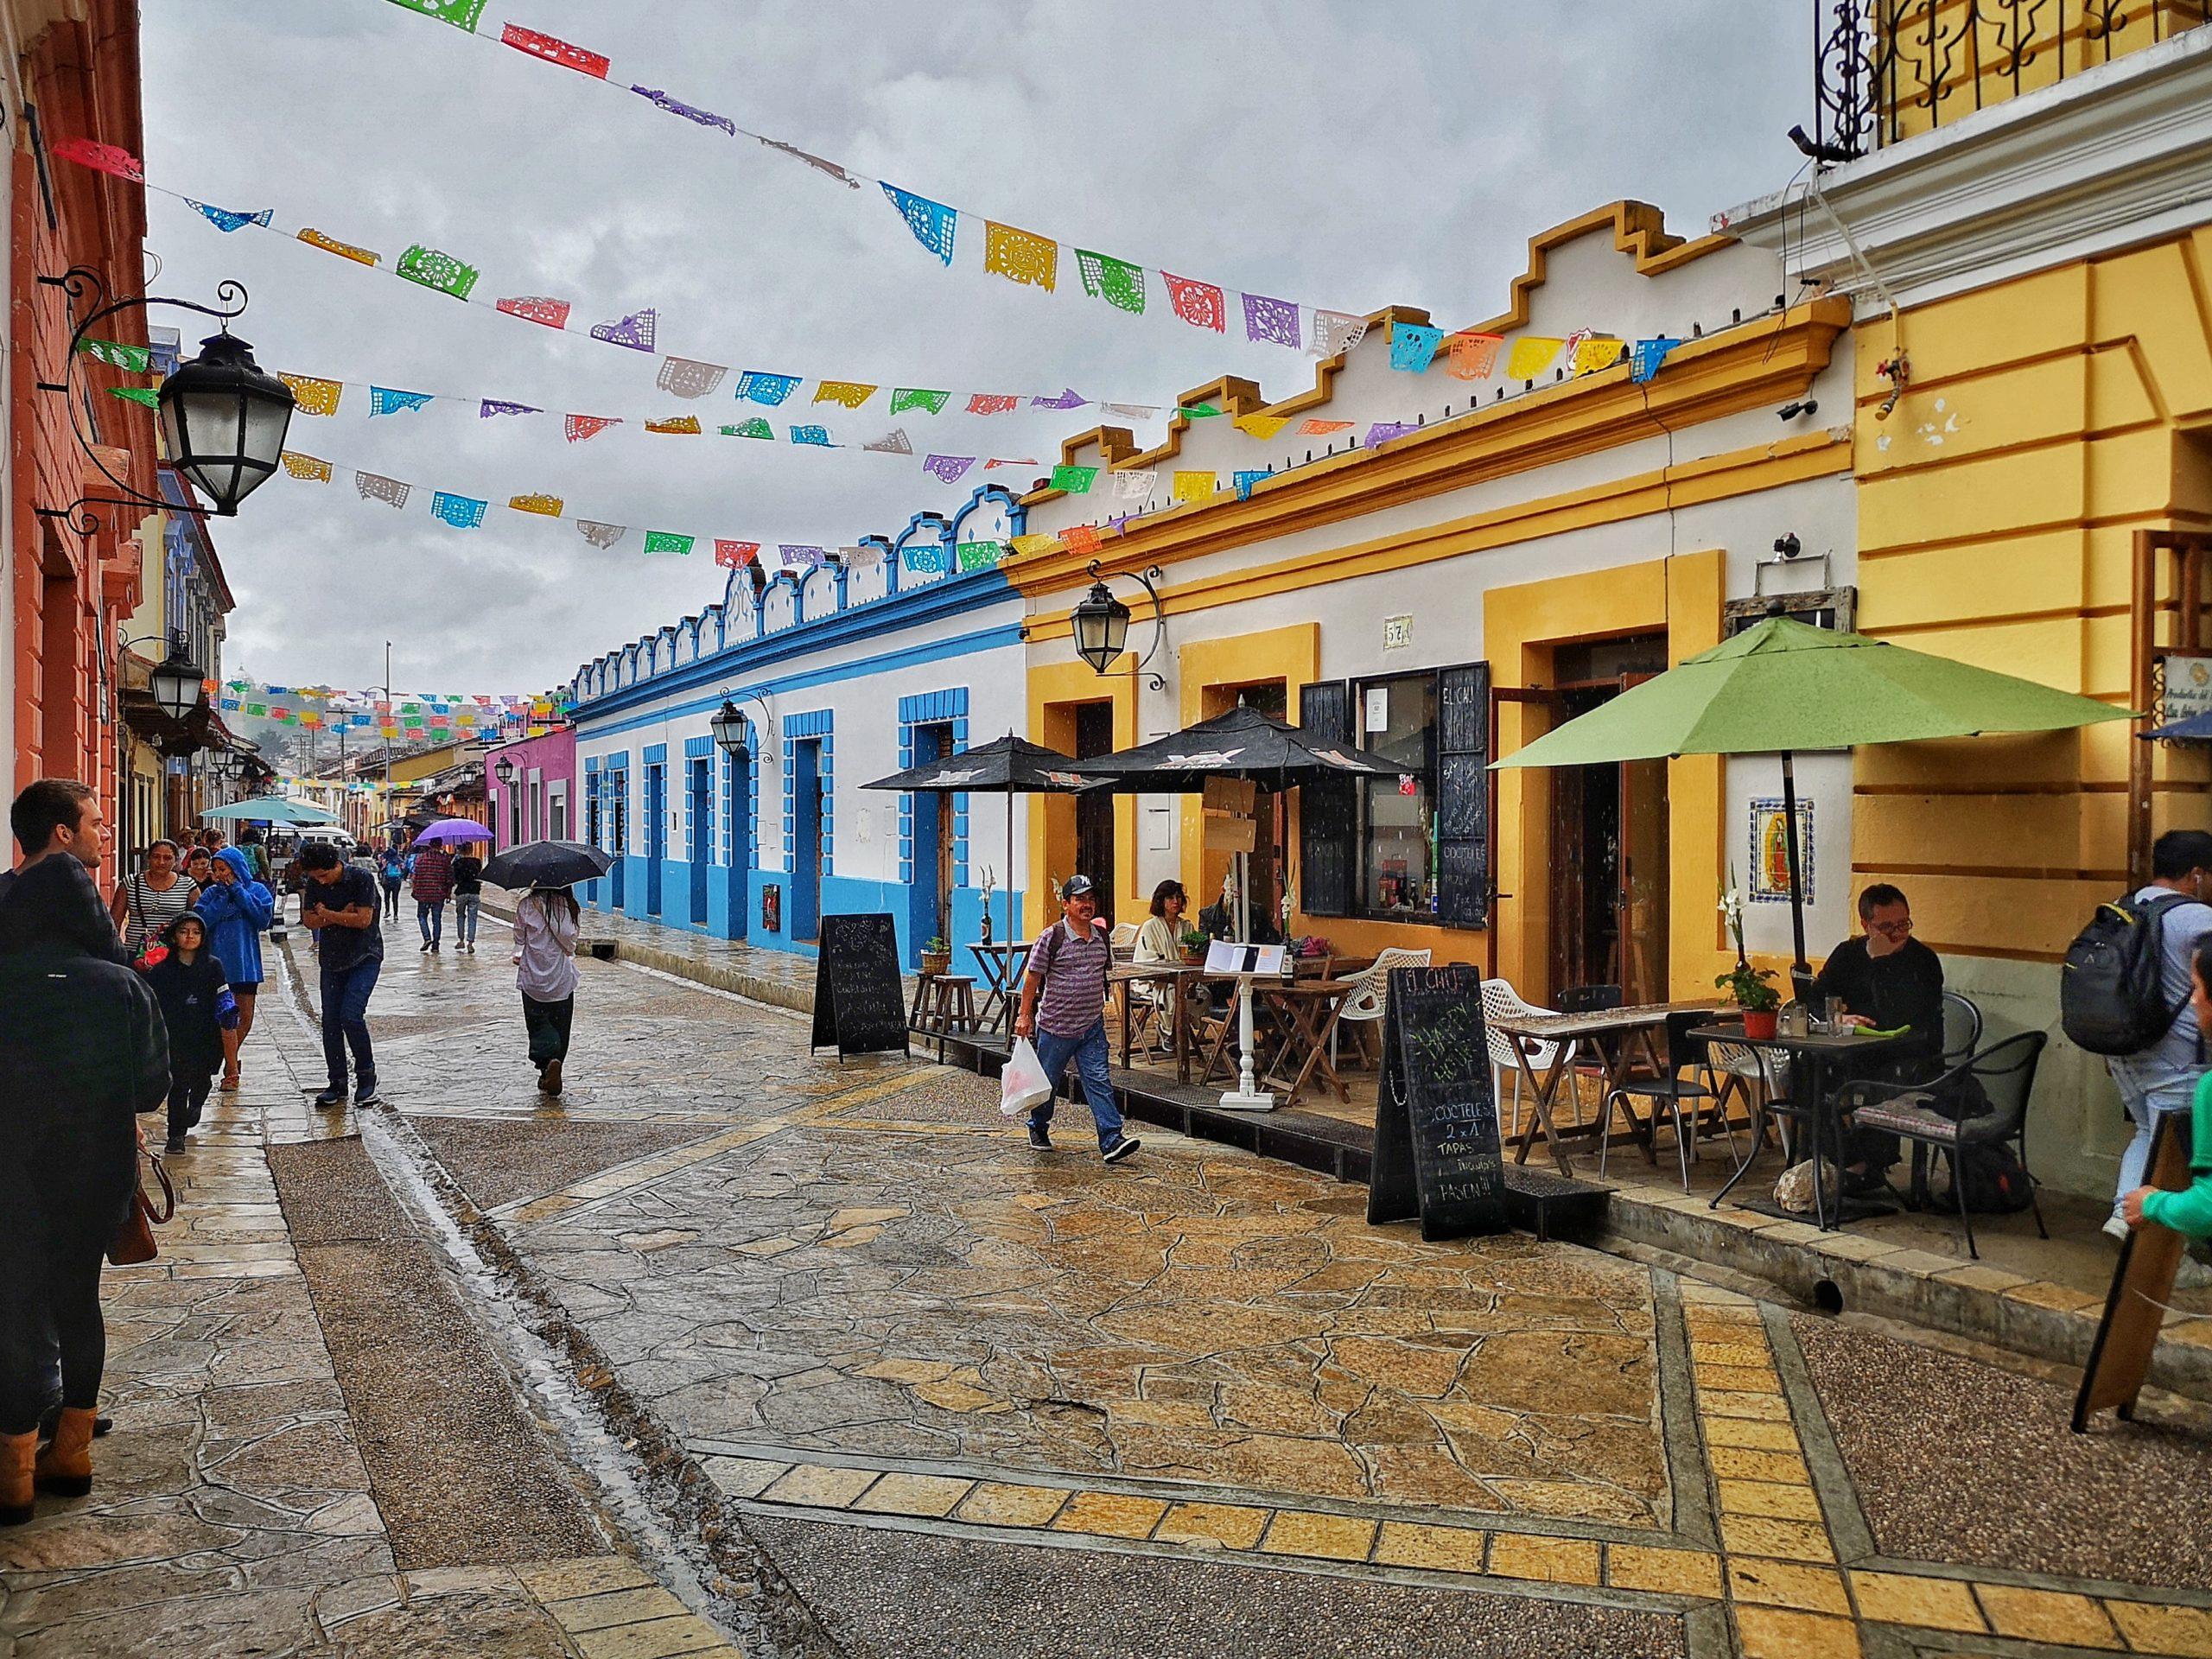 Things to do in San Cristobal de Las Casas | Chiapas, Mexico